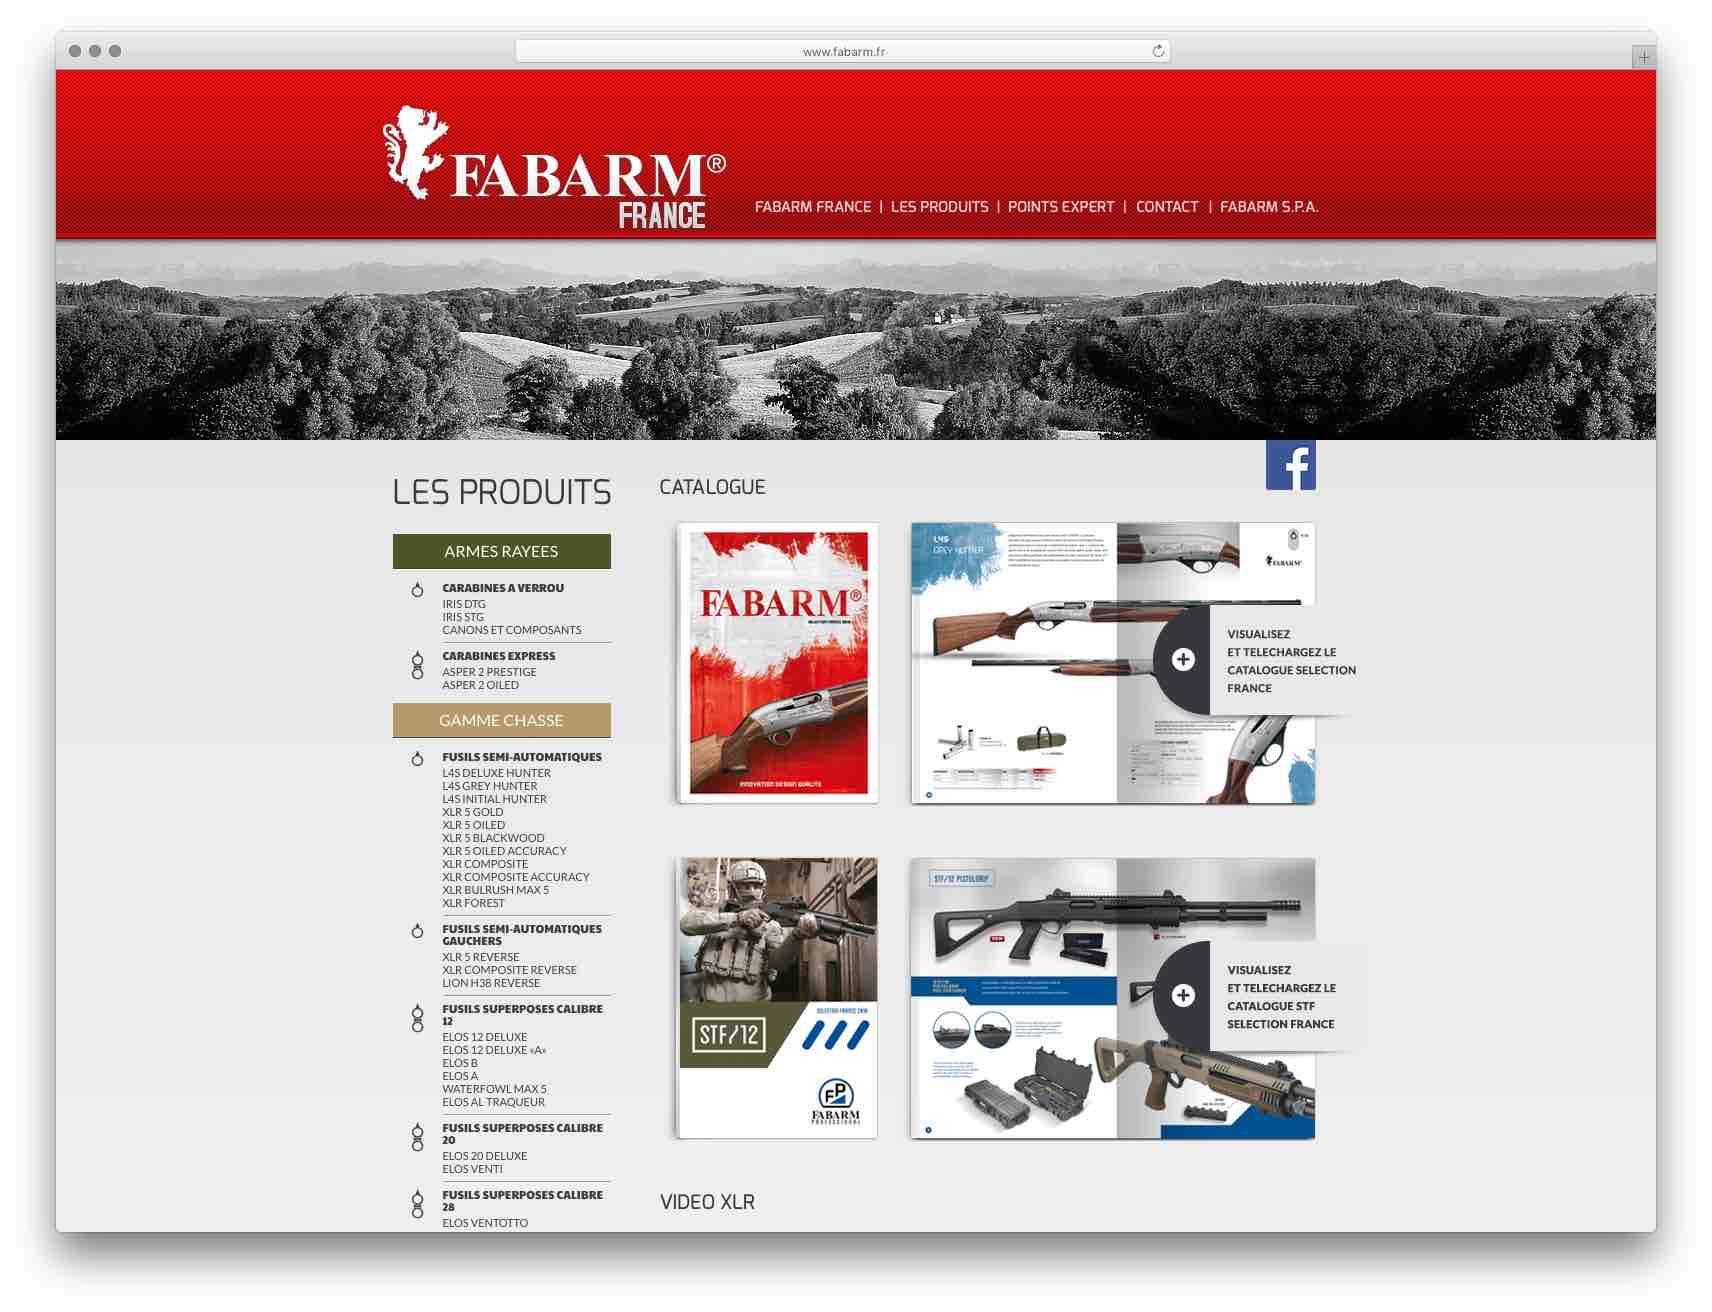 creazione siti web brescia - sito web fabarm france